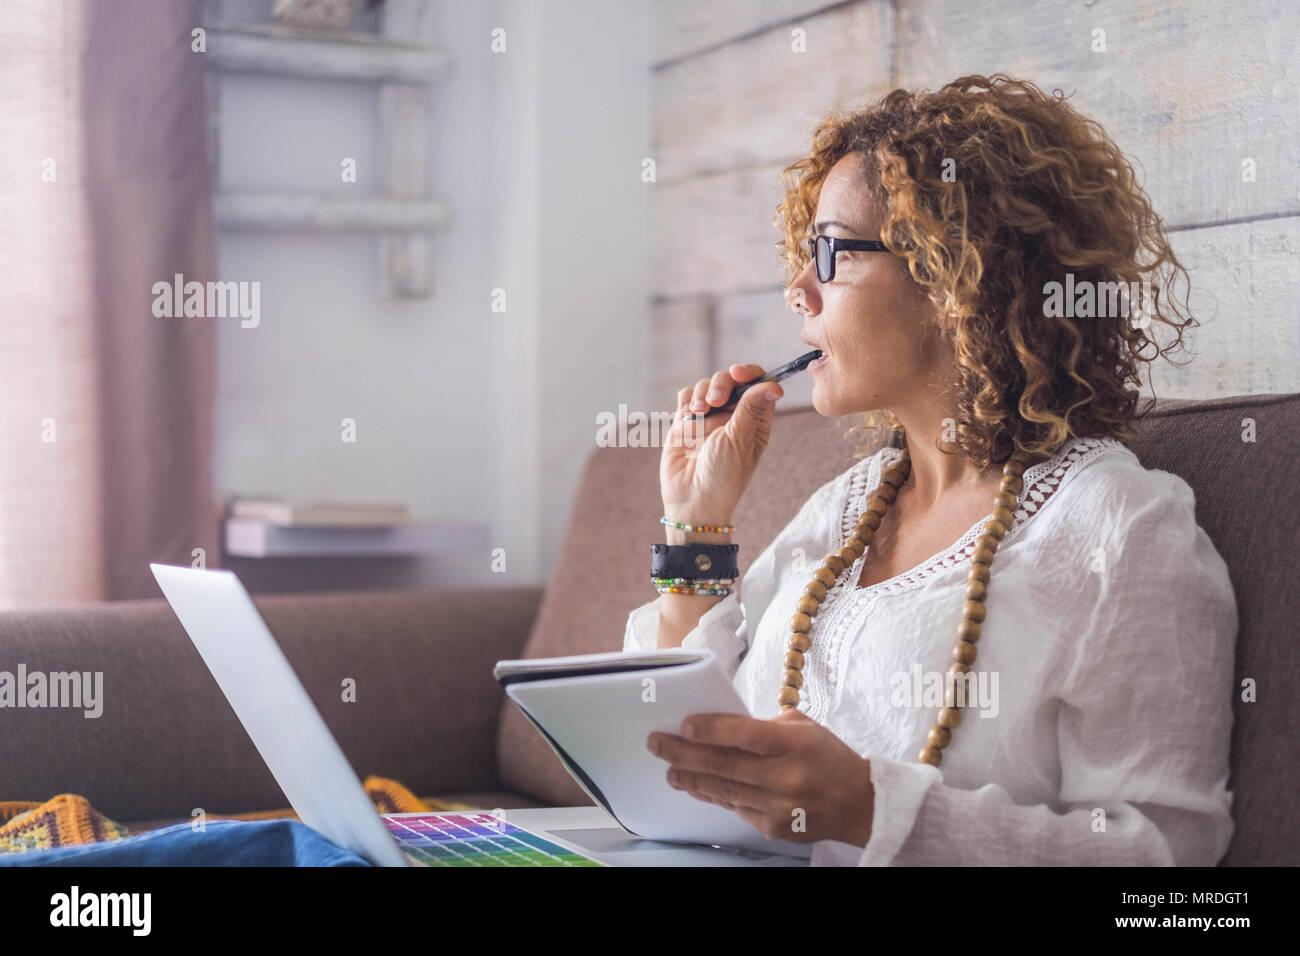 Bella mujer pensar y escribir notas en papel trabajando en un portátil libre de oficina en casa. Un estilo de vida alternativo y lugar de trabajo. Vida bonita Imagen De Stock